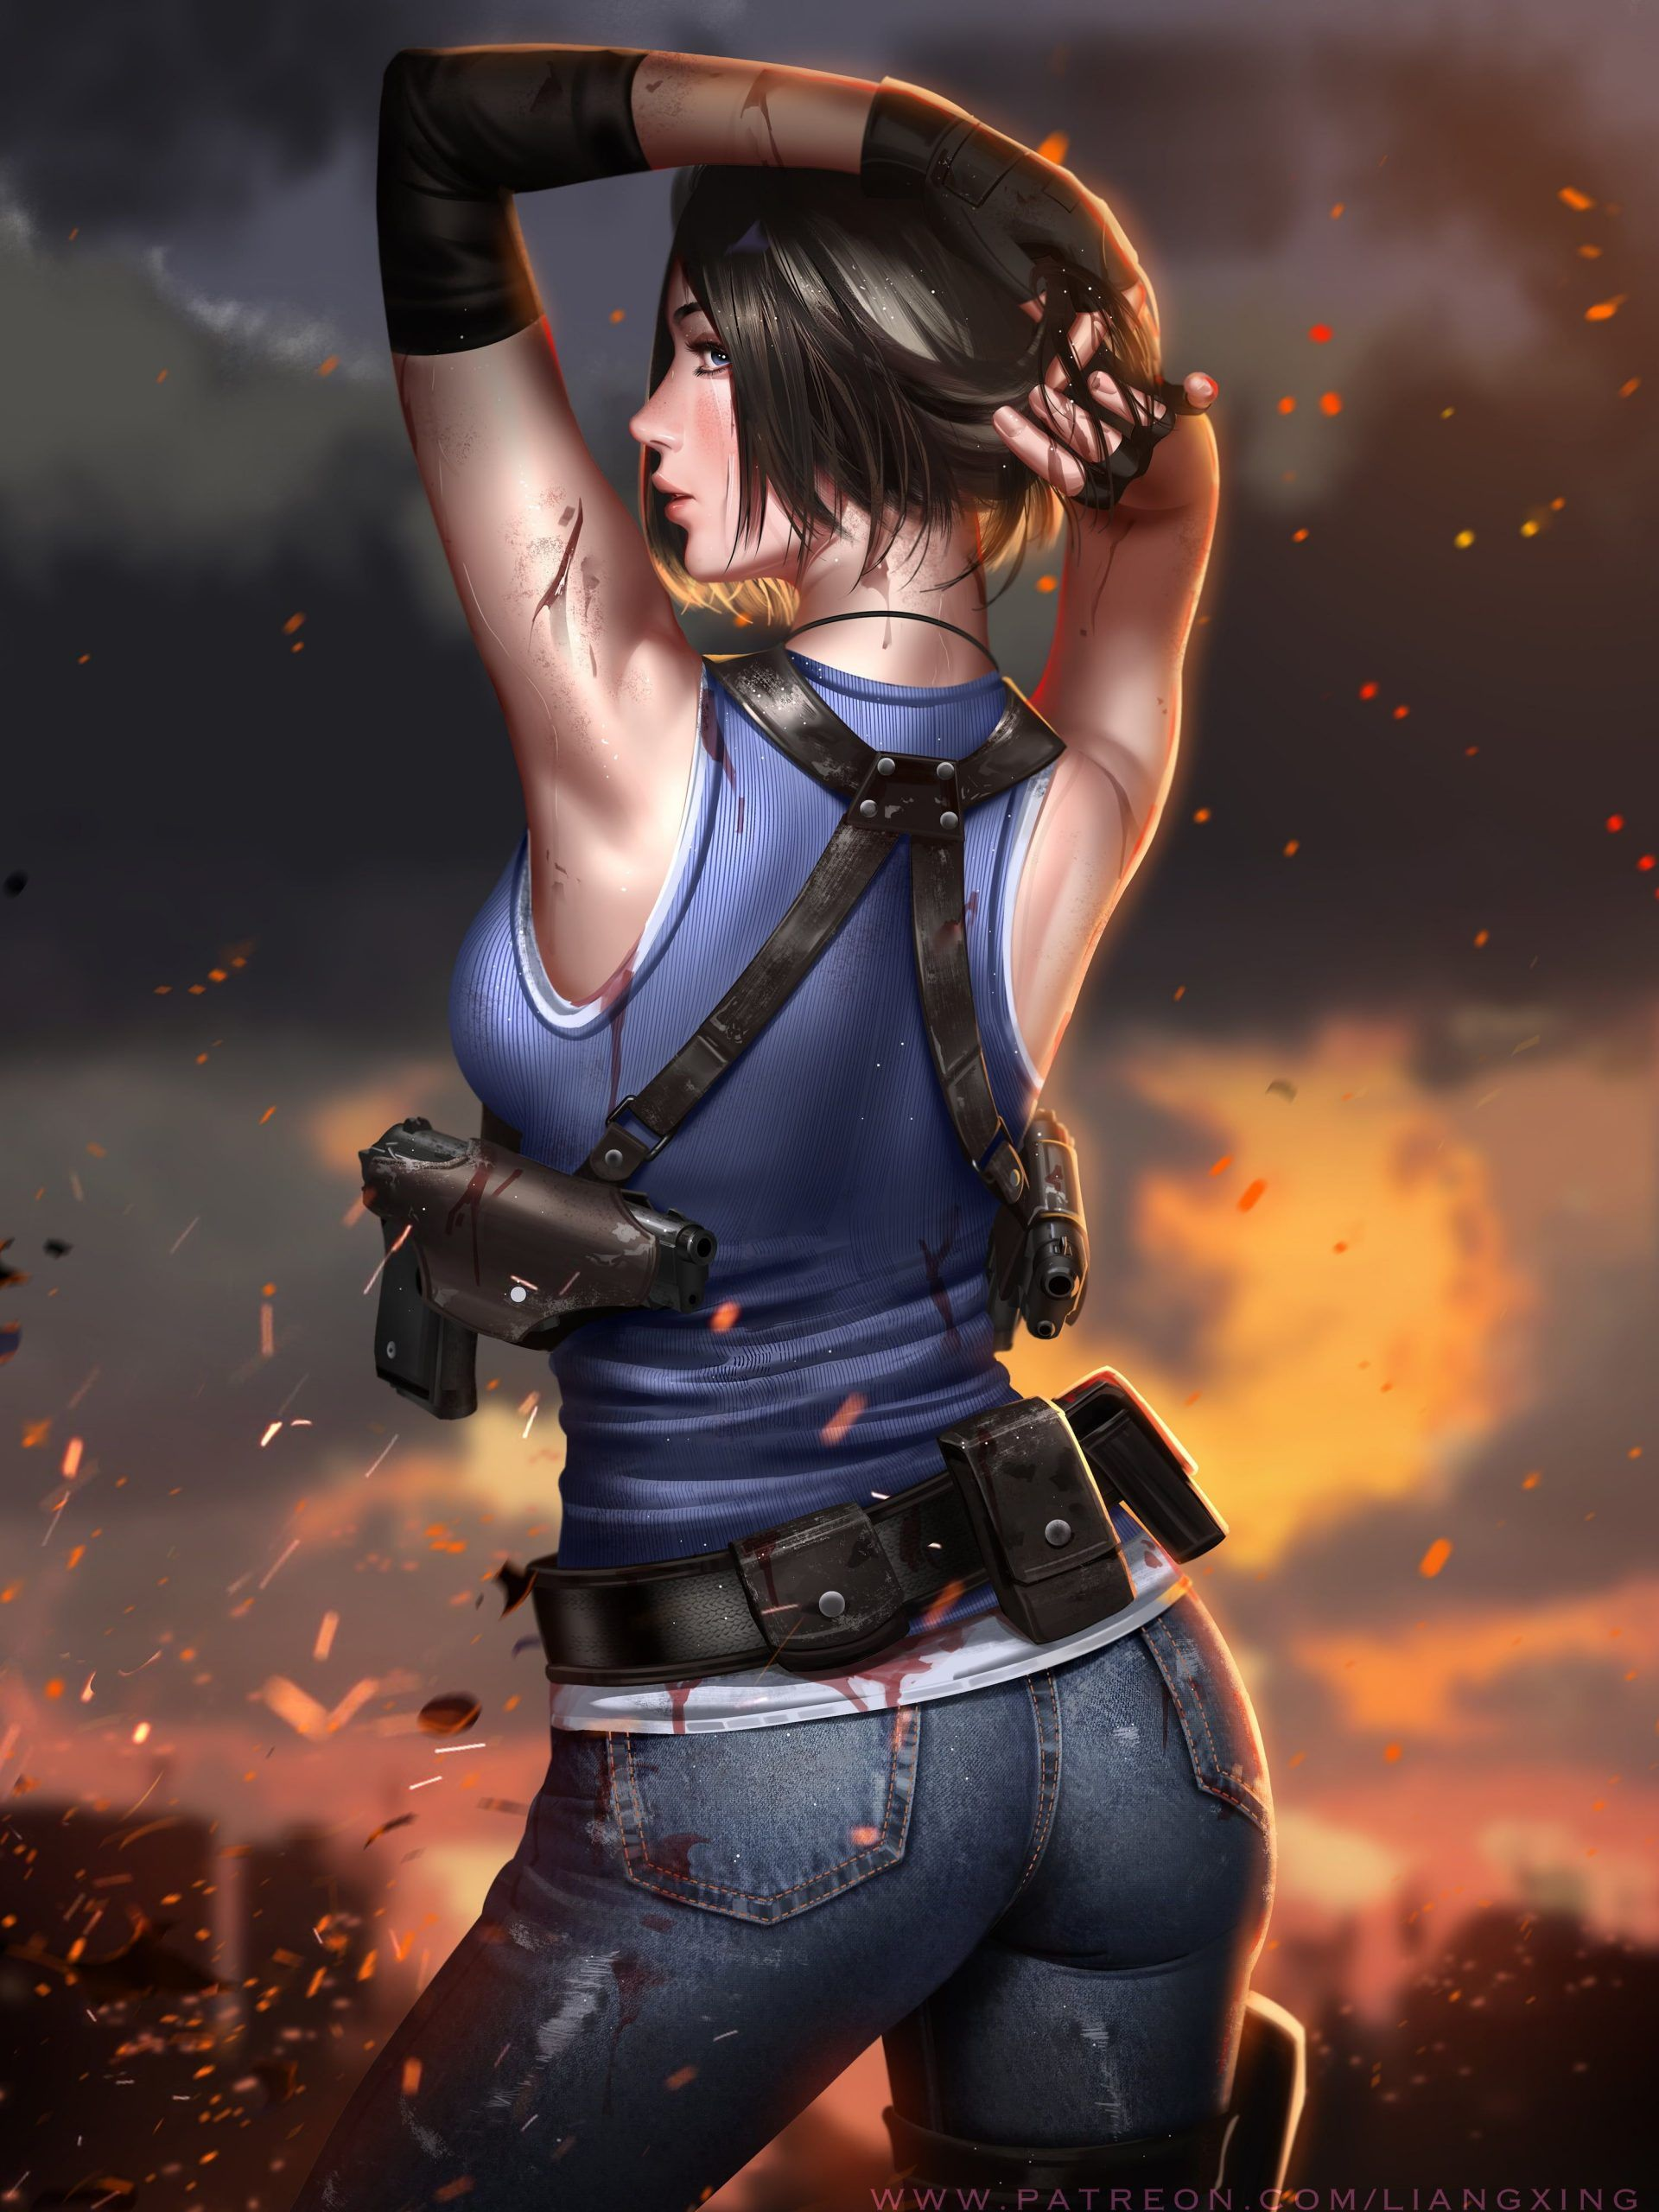 Jill Valentine,Resident evil 3, Resident Evil 3 Remake